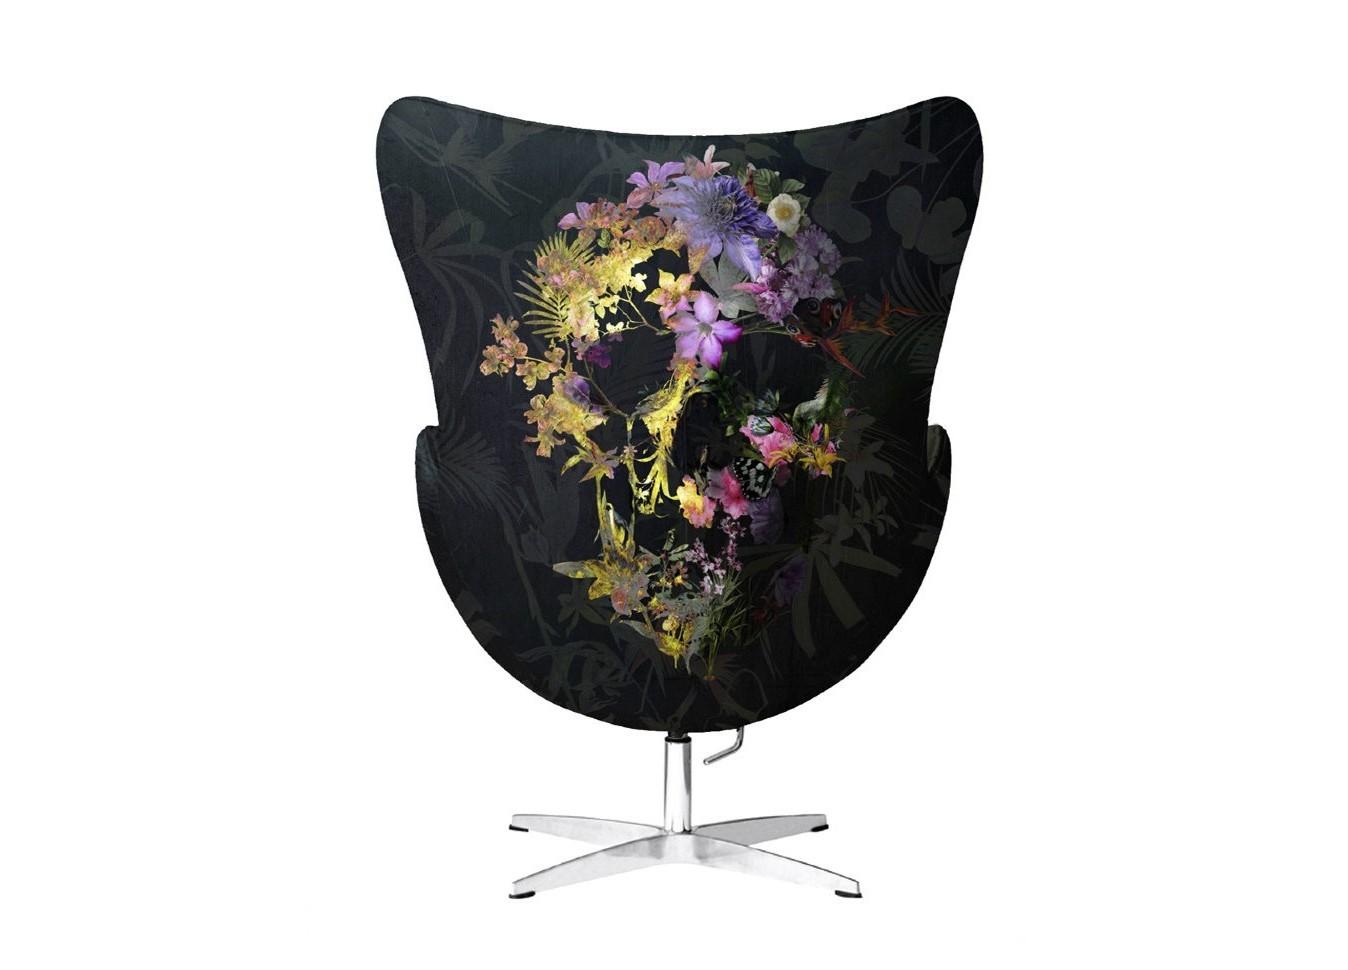 Кресло Arne Kaiser by Ali GulecИнтерьерные кресла<br>&amp;lt;div&amp;gt;Али Гюлеч (Ali Gulec) - известный художник-иллюстратор, основатель дизайн-студии ikiiki из Стамбула, Турция. Востребованные и изобретательные, работы Али отражают его интерес к поиску скрытых форм в простых объектах. В своем творчестве Али соединяет темы холодной вечности и цветущей жизни, складывая из набора сложных элементов ясные актуальные формы.&amp;lt;/div&amp;gt;&amp;lt;div&amp;gt;&amp;lt;br&amp;gt;&amp;lt;/div&amp;gt;&amp;lt;div&amp;gt;Модель представлена в мягкой, бархатистой ткани микровелюр, которая отлично пропускает воздух, отталкивает пыль и долго сохраняет изначальный цвет, не протираясь и не выцветая.&amp;amp;nbsp;&amp;lt;/div&amp;gt;&amp;lt;div&amp;gt;&amp;lt;br&amp;gt;&amp;lt;/div&amp;gt;&amp;lt;div&amp;gt;Каркас и ножки кресла выполнены из дуба.&amp;lt;/div&amp;gt;&amp;lt;div&amp;gt;Можно подобрать ткань на Ваш вкус из других коллекций.&amp;lt;/div&amp;gt;<br><br>Material: Велюр<br>Ширина см: 80<br>Высота см: 104<br>Глубина см: 60